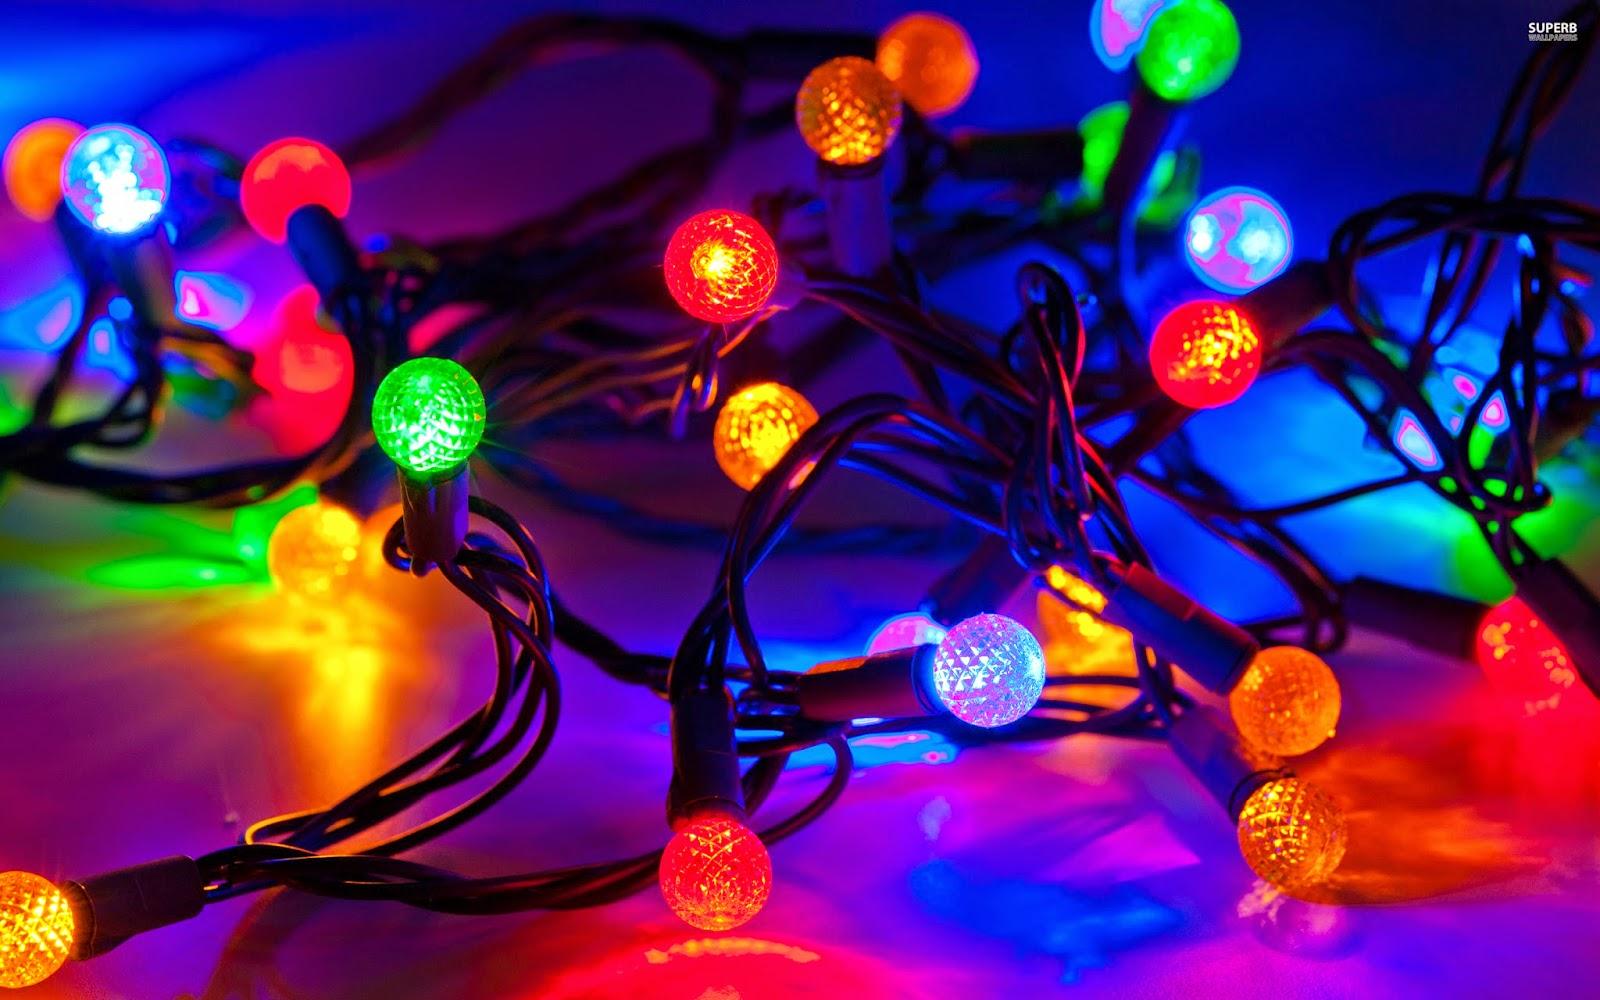 Colorful Christmas Tree Light